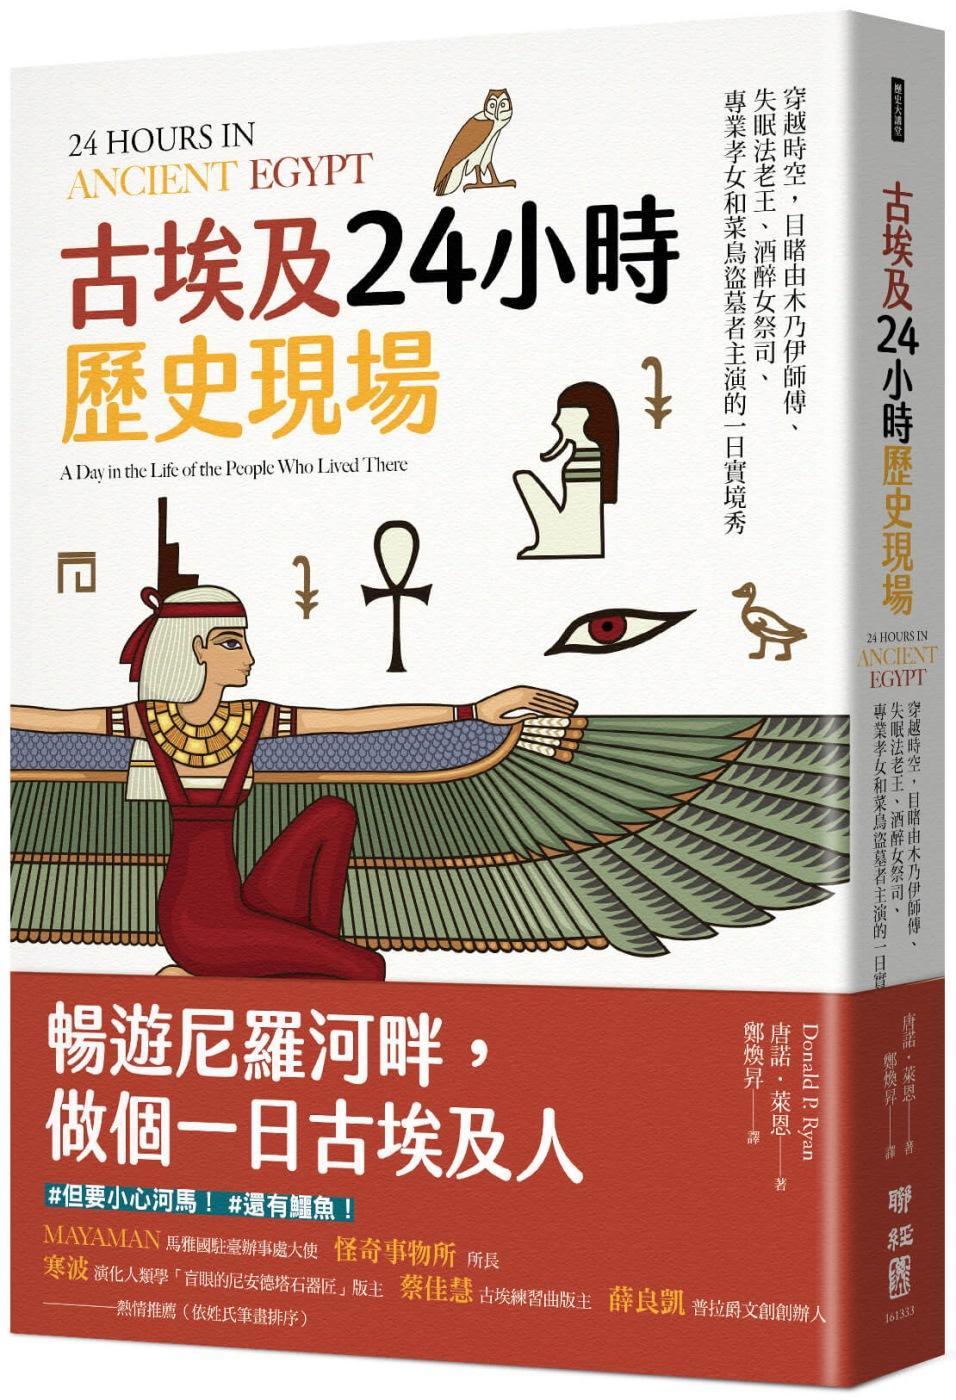 古埃及24小時歷史現場:穿越時空,目睹由木乃伊師傅、失眠法老王、酒醉女祭司、專業孝女和菜鳥盜墓者主演的一日實境秀